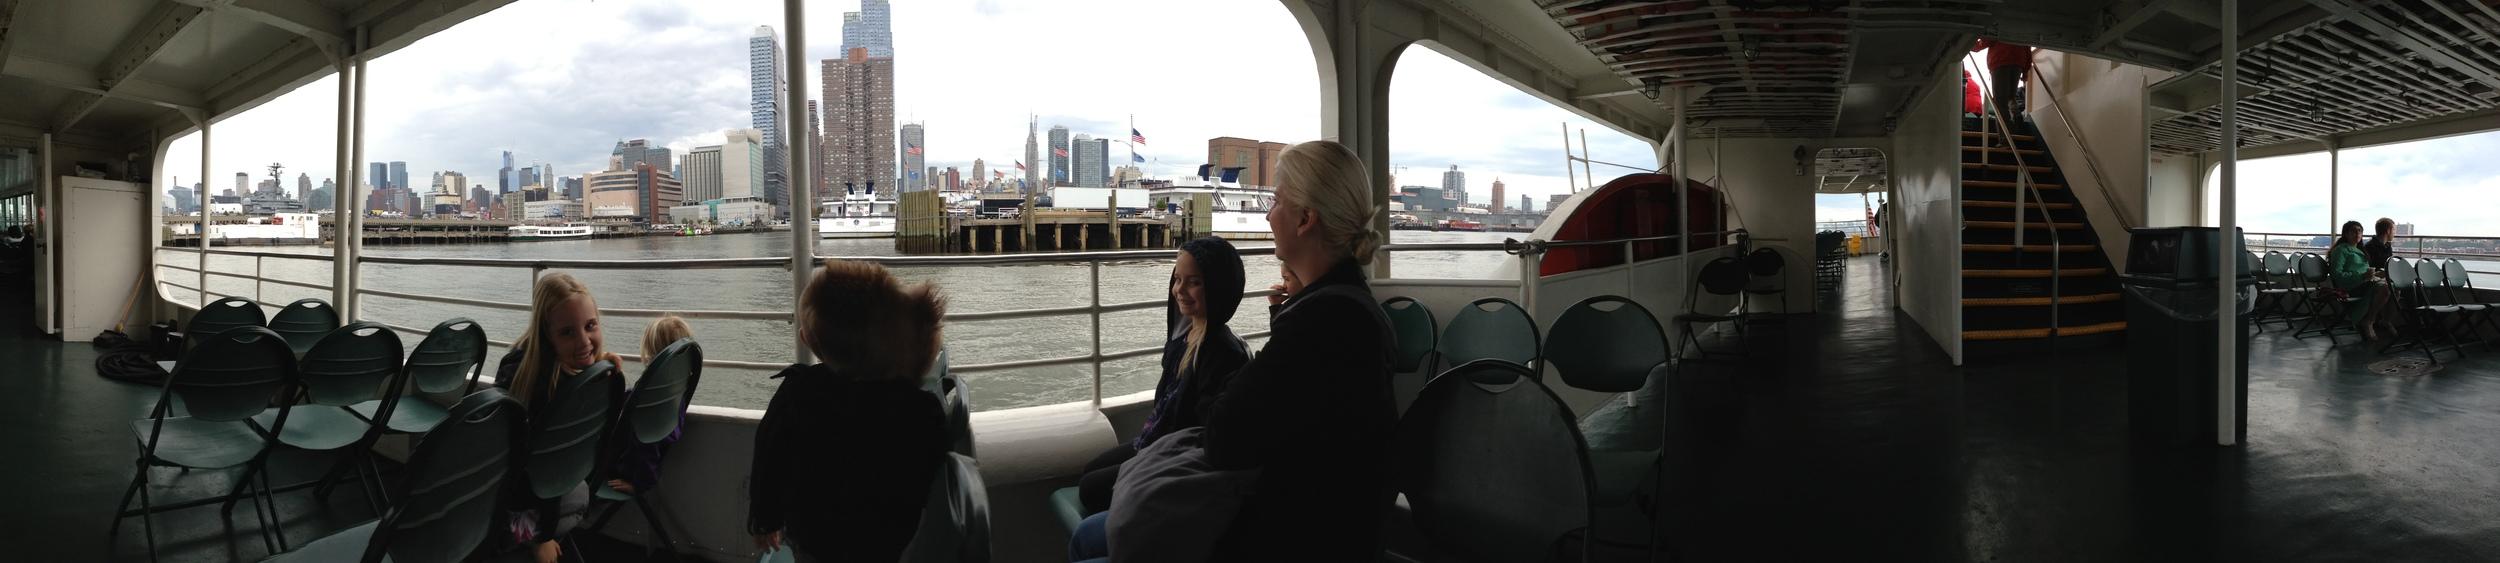 The Circle Cruise around Manhattan.